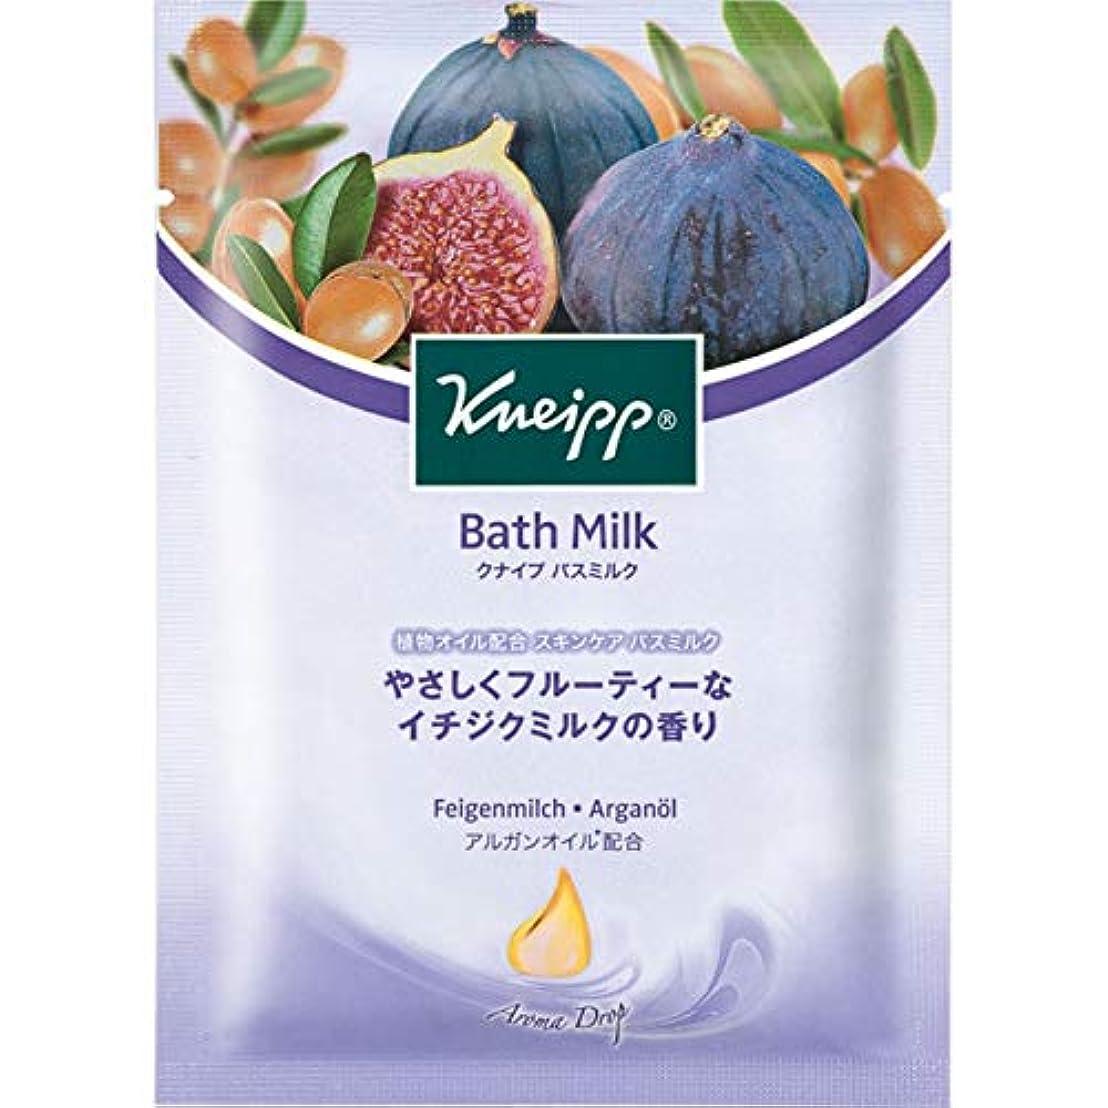 パラナ川優遇裸クナイプ?ジャパン クナイプ バスミルク イチジクミルク 40ml